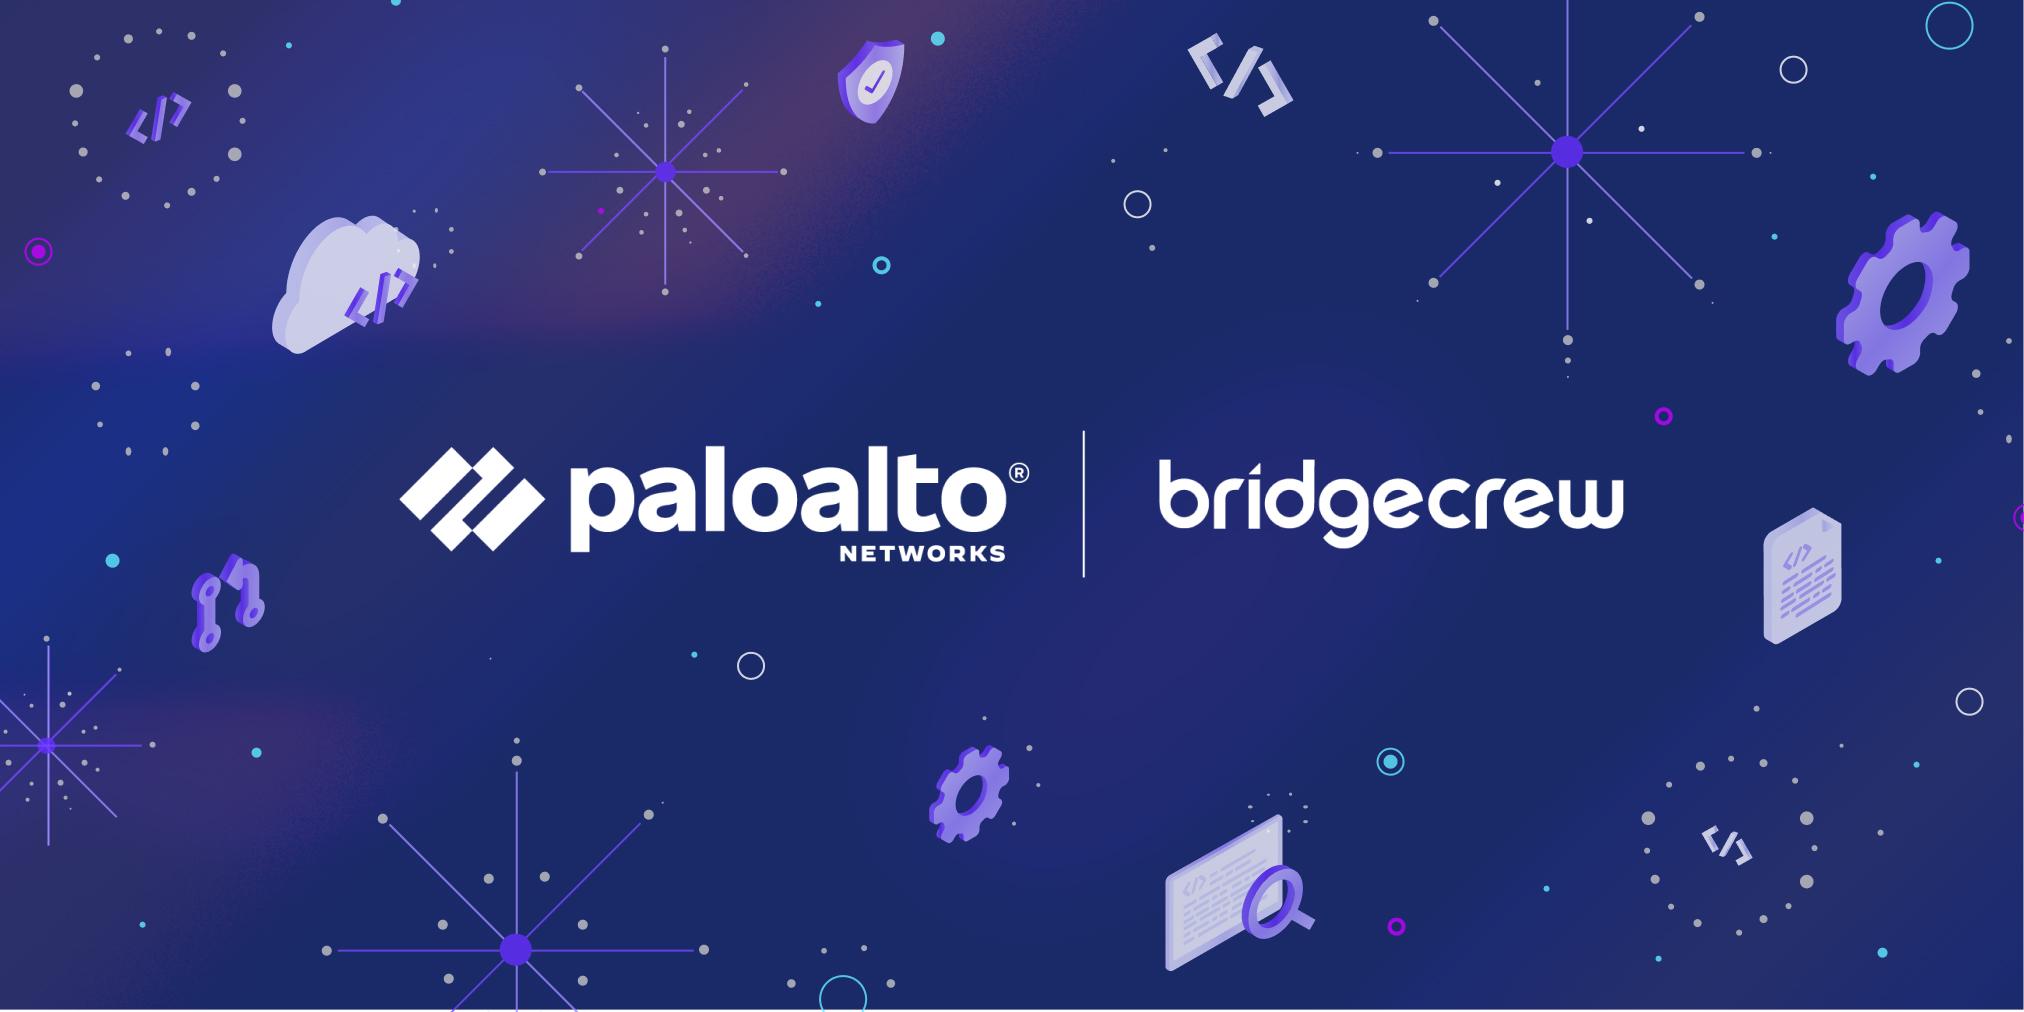 Palo Alto Networks Announces Intent to Acquire Bridgecrew